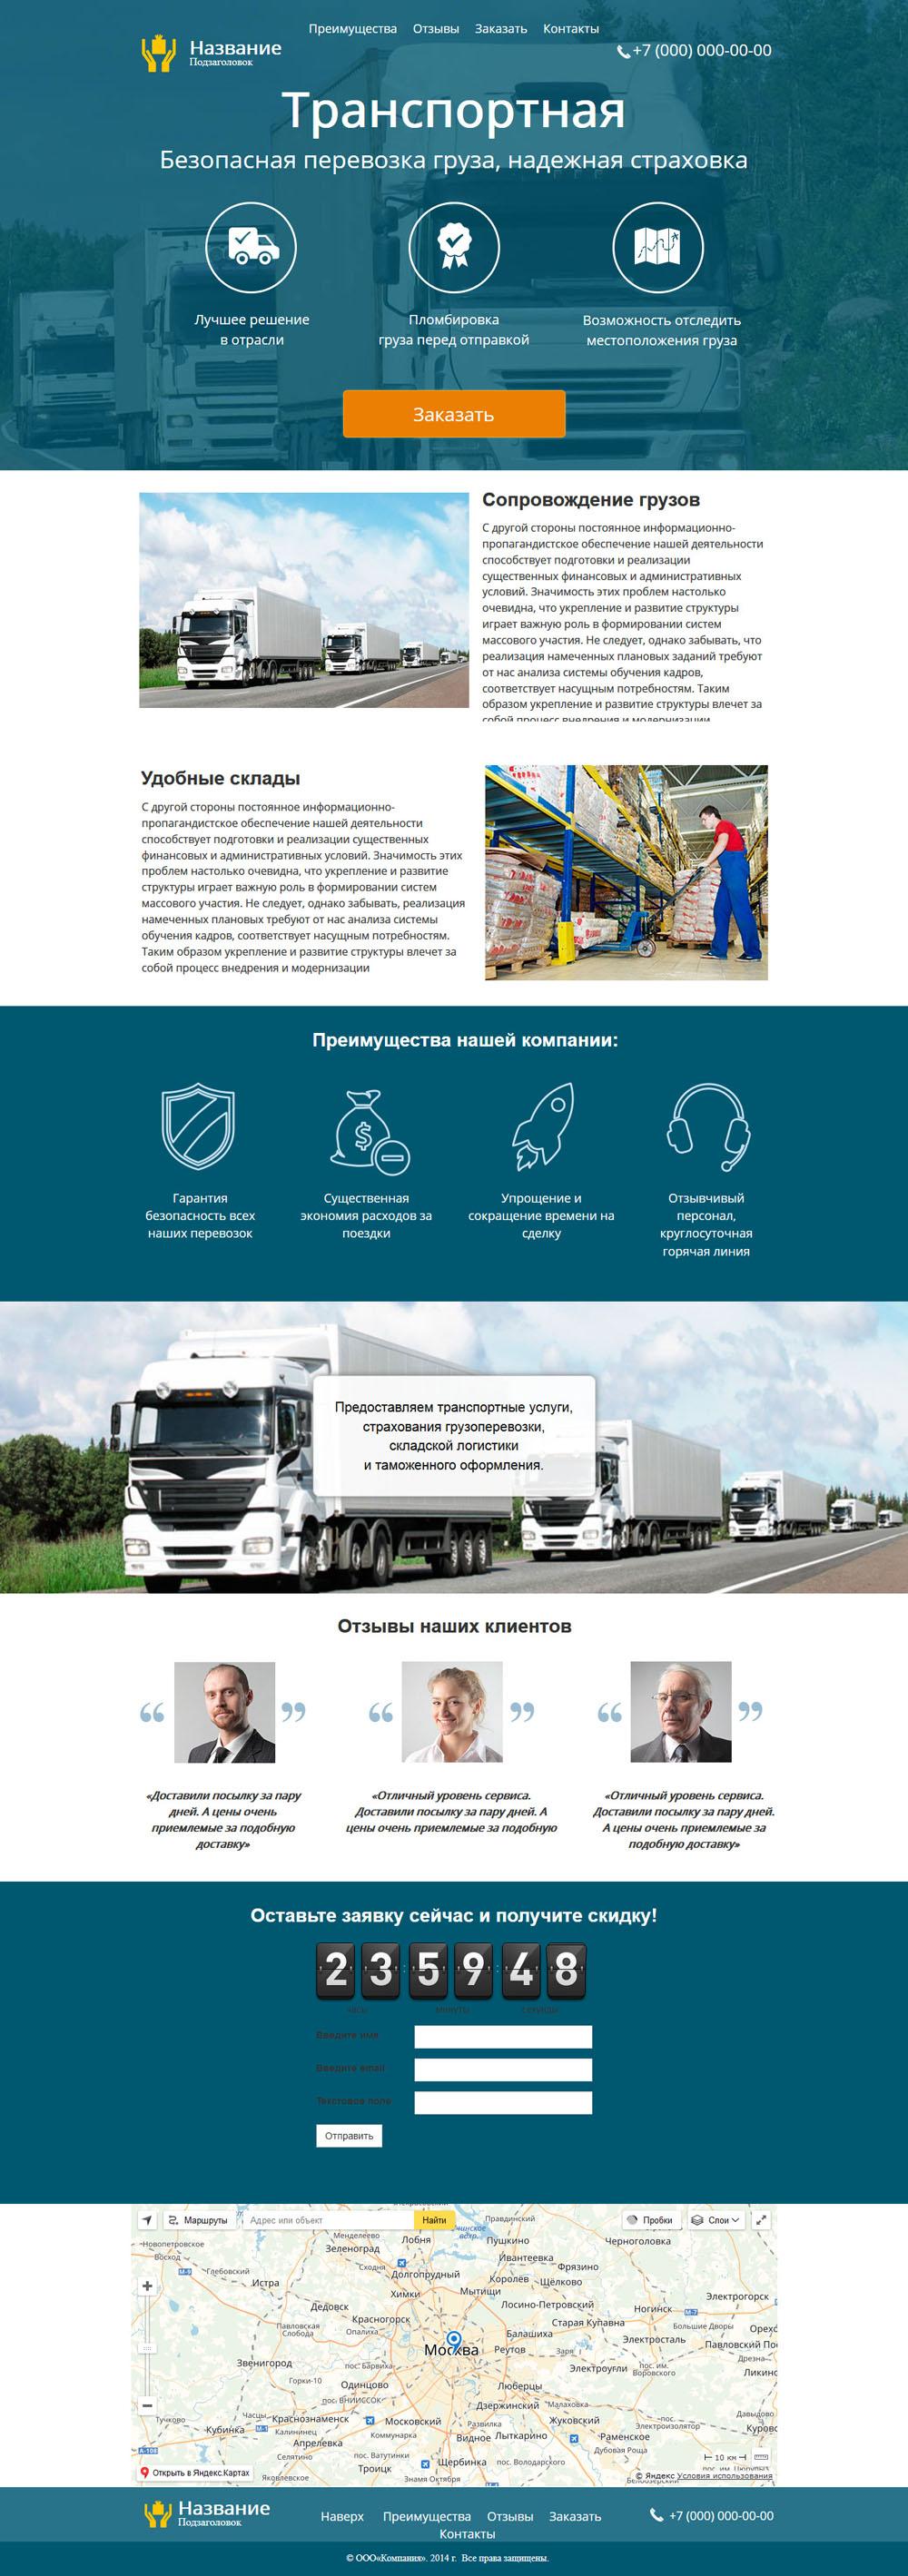 Шаблон лендинга: Транспортные услуги